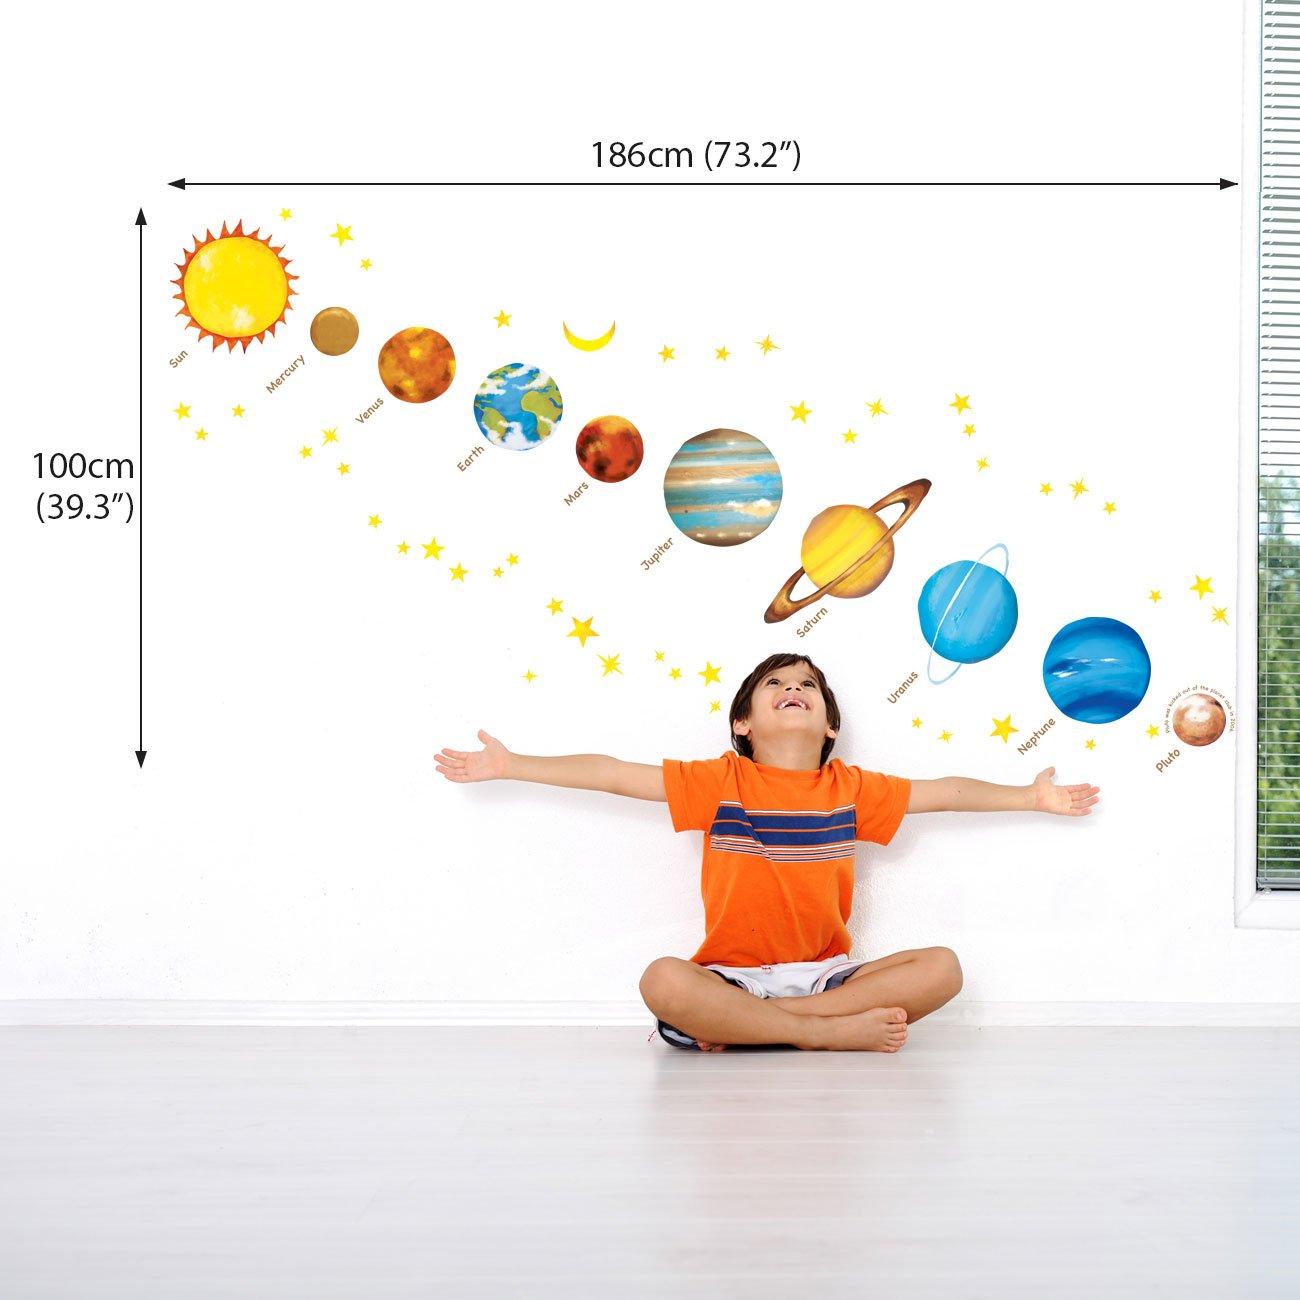 Decowall DW-1307 Des Plan/ètes dans lespace Autocollants Muraux Mural Stickers Chambre Enfants B/éb/é Garderie Salon Ver anglais Moyen